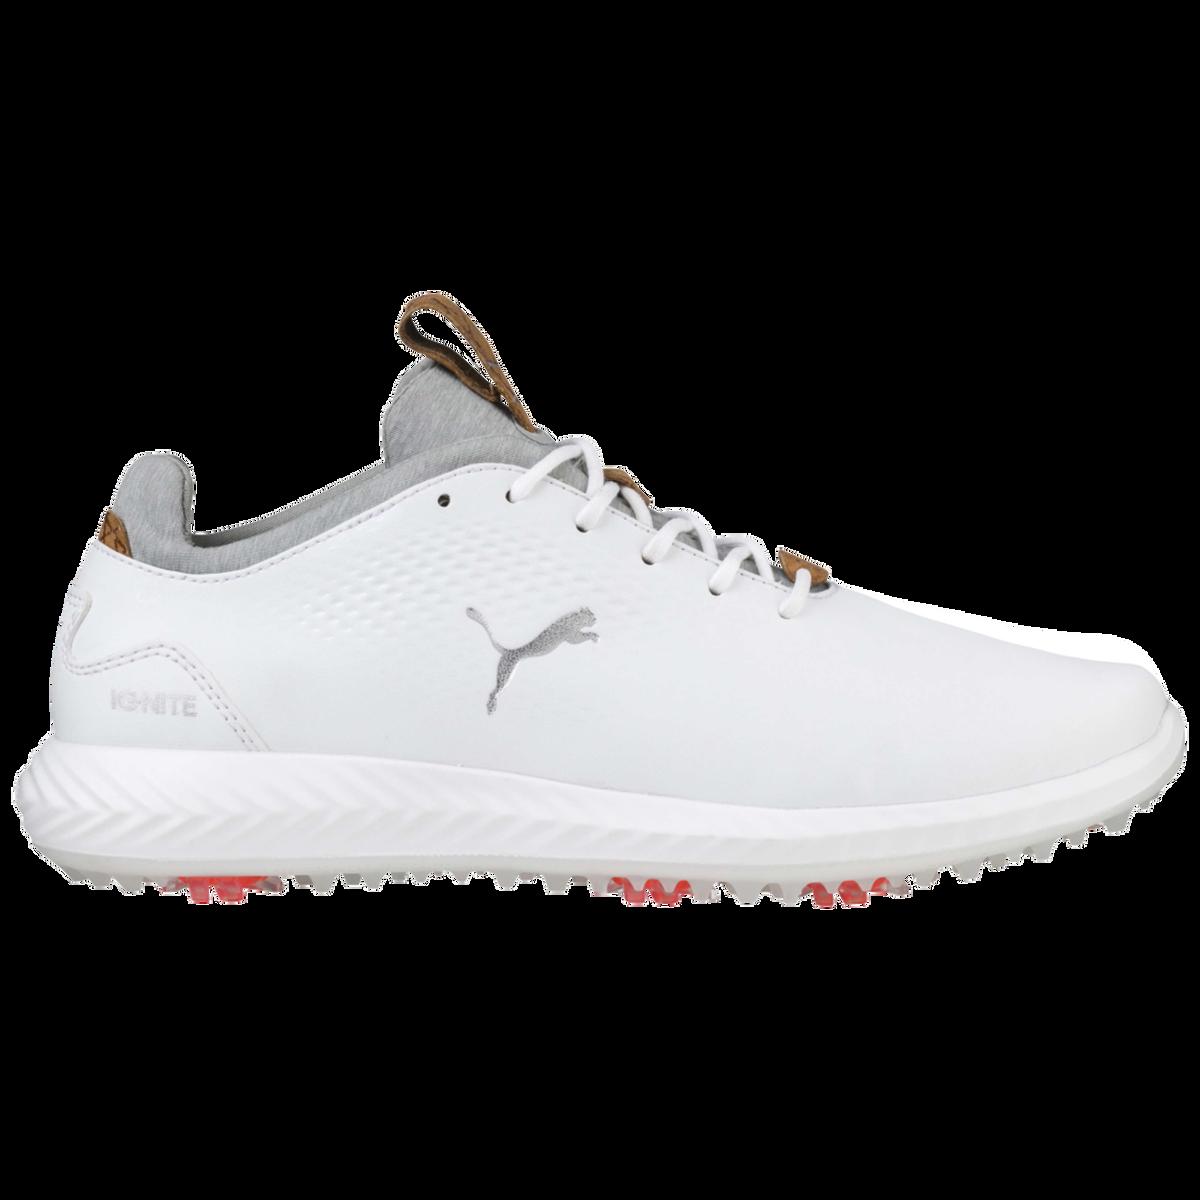 9999c297d69288 PUMA IGNITE PWRADAPT Junior Golf Shoe - White | PGA TOUR Superstore